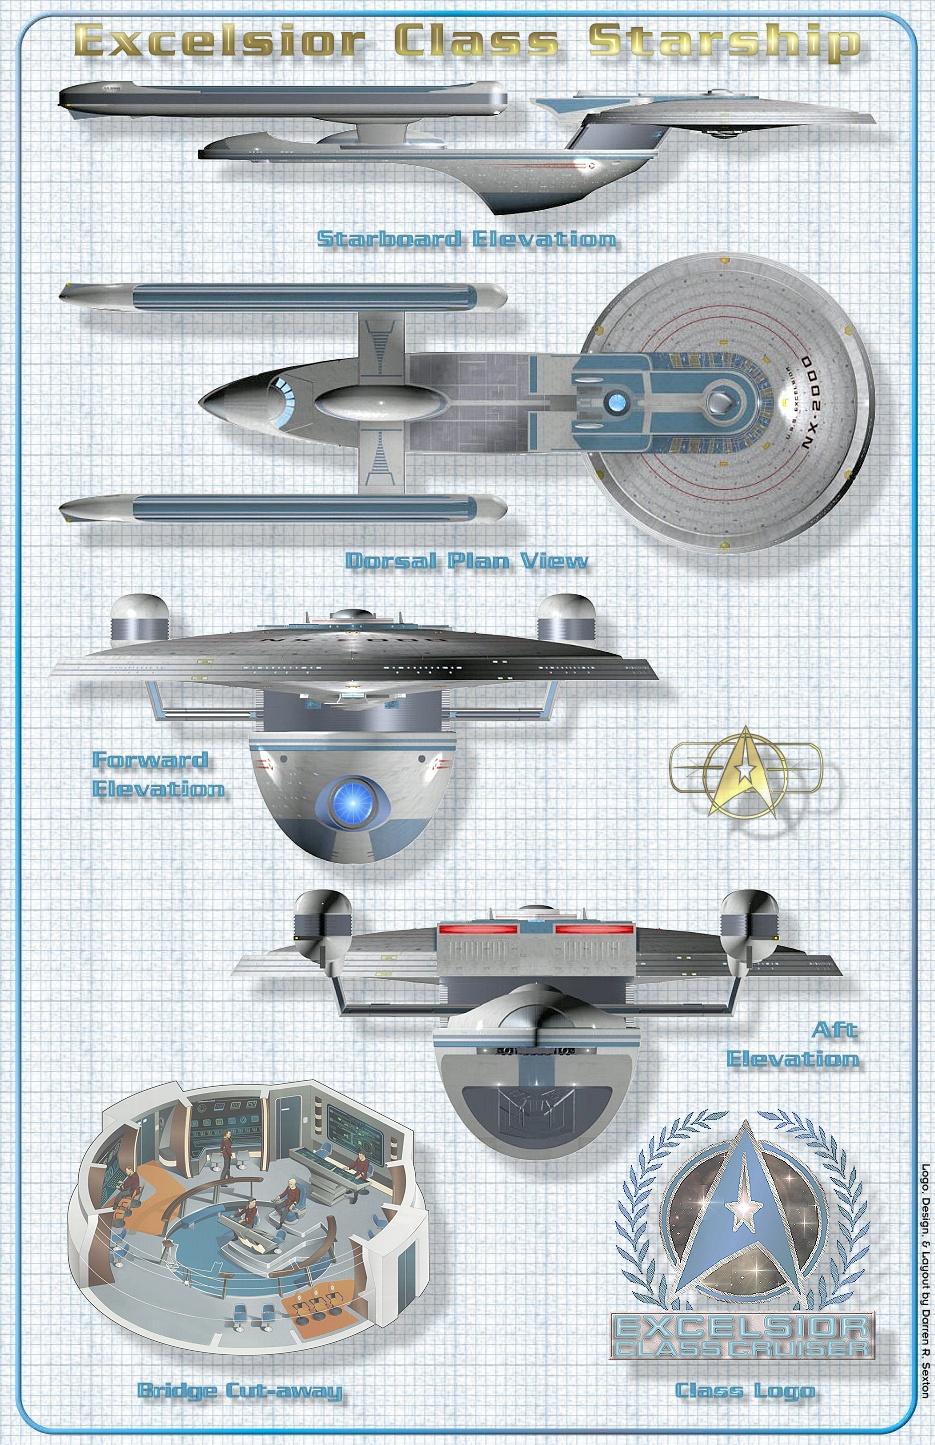 space star wiring diagram #14 motor starter circuit diagram space star wiring diagram #14